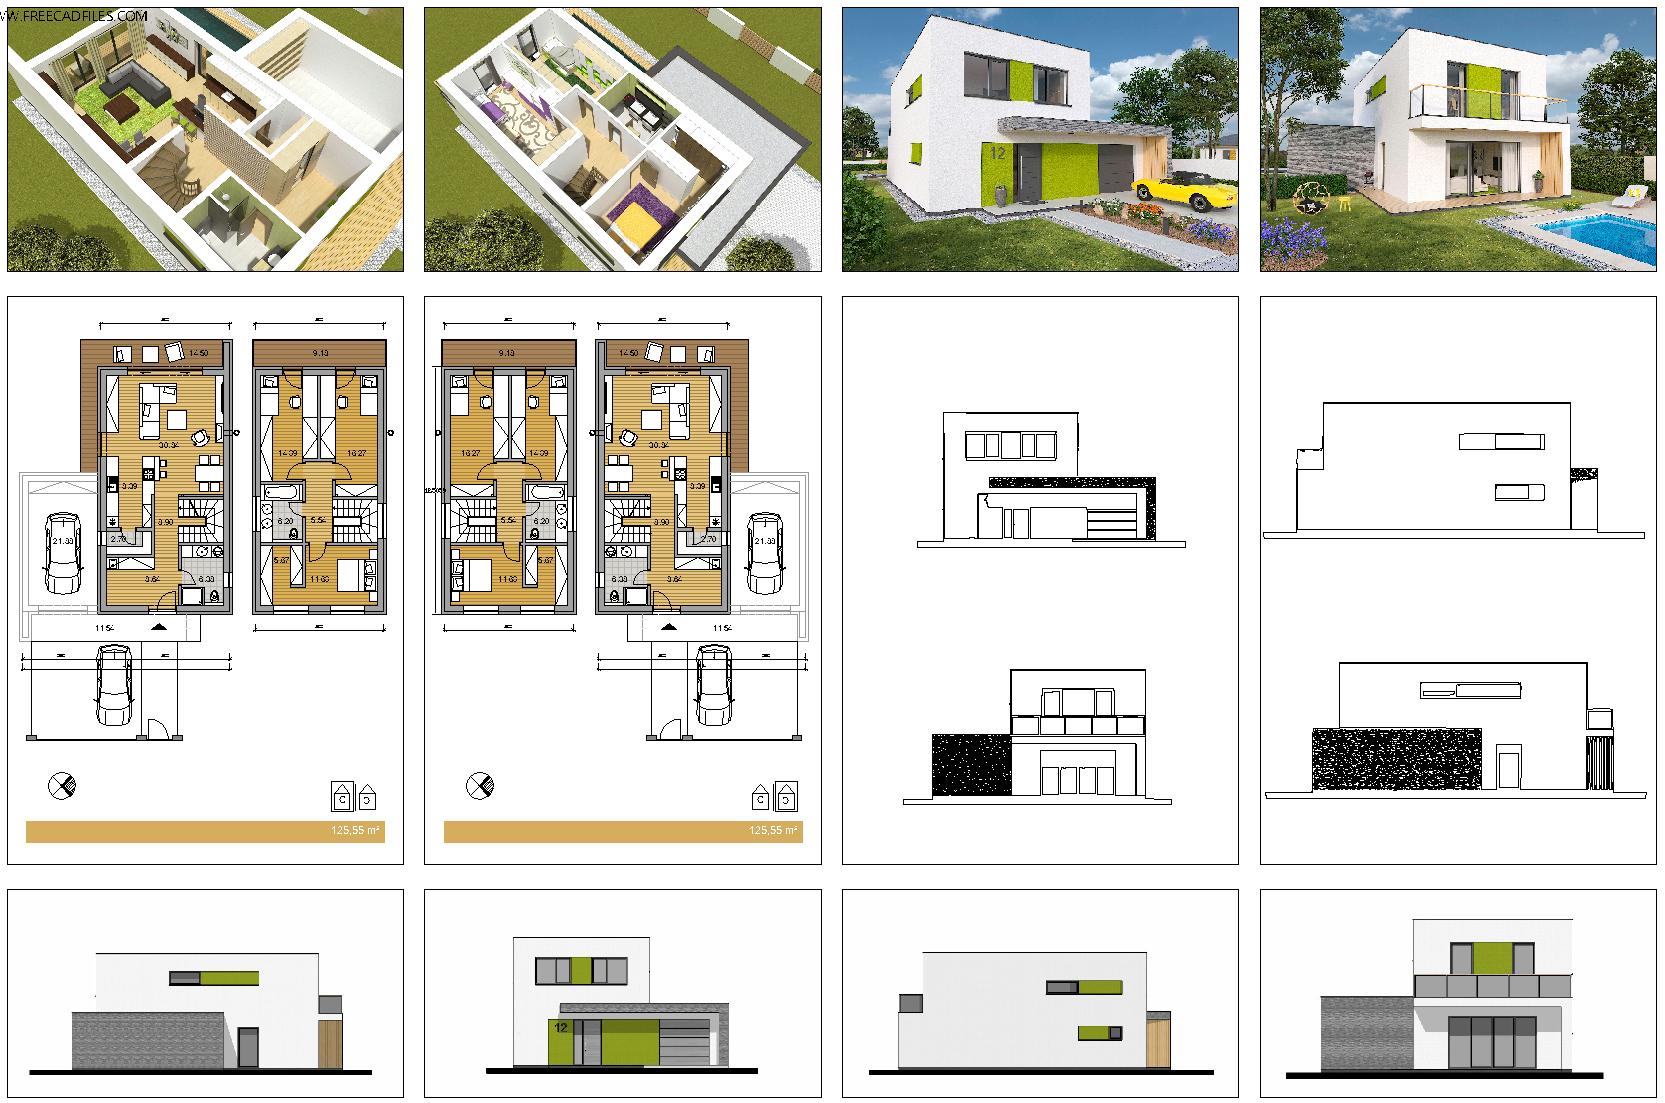 Family house 120 mq [DWG,PDF,JPG]